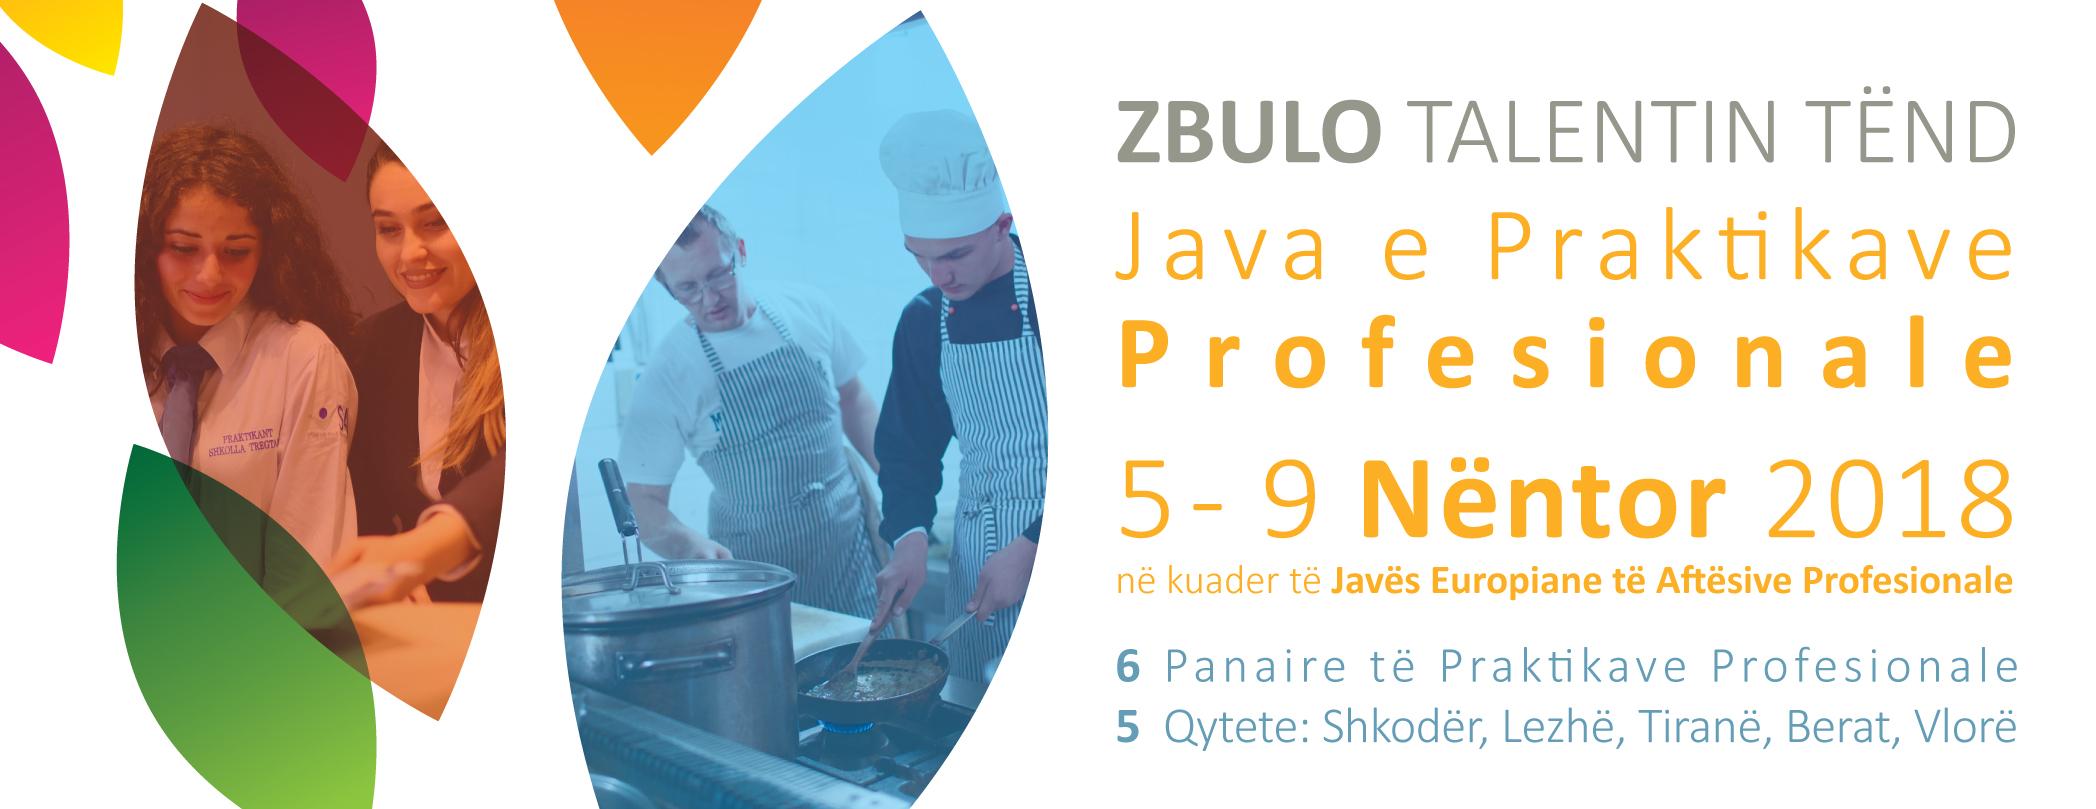 Java e praktikave profesionale afatgjata e organizuar nga ' Aftësi për punë' S4J